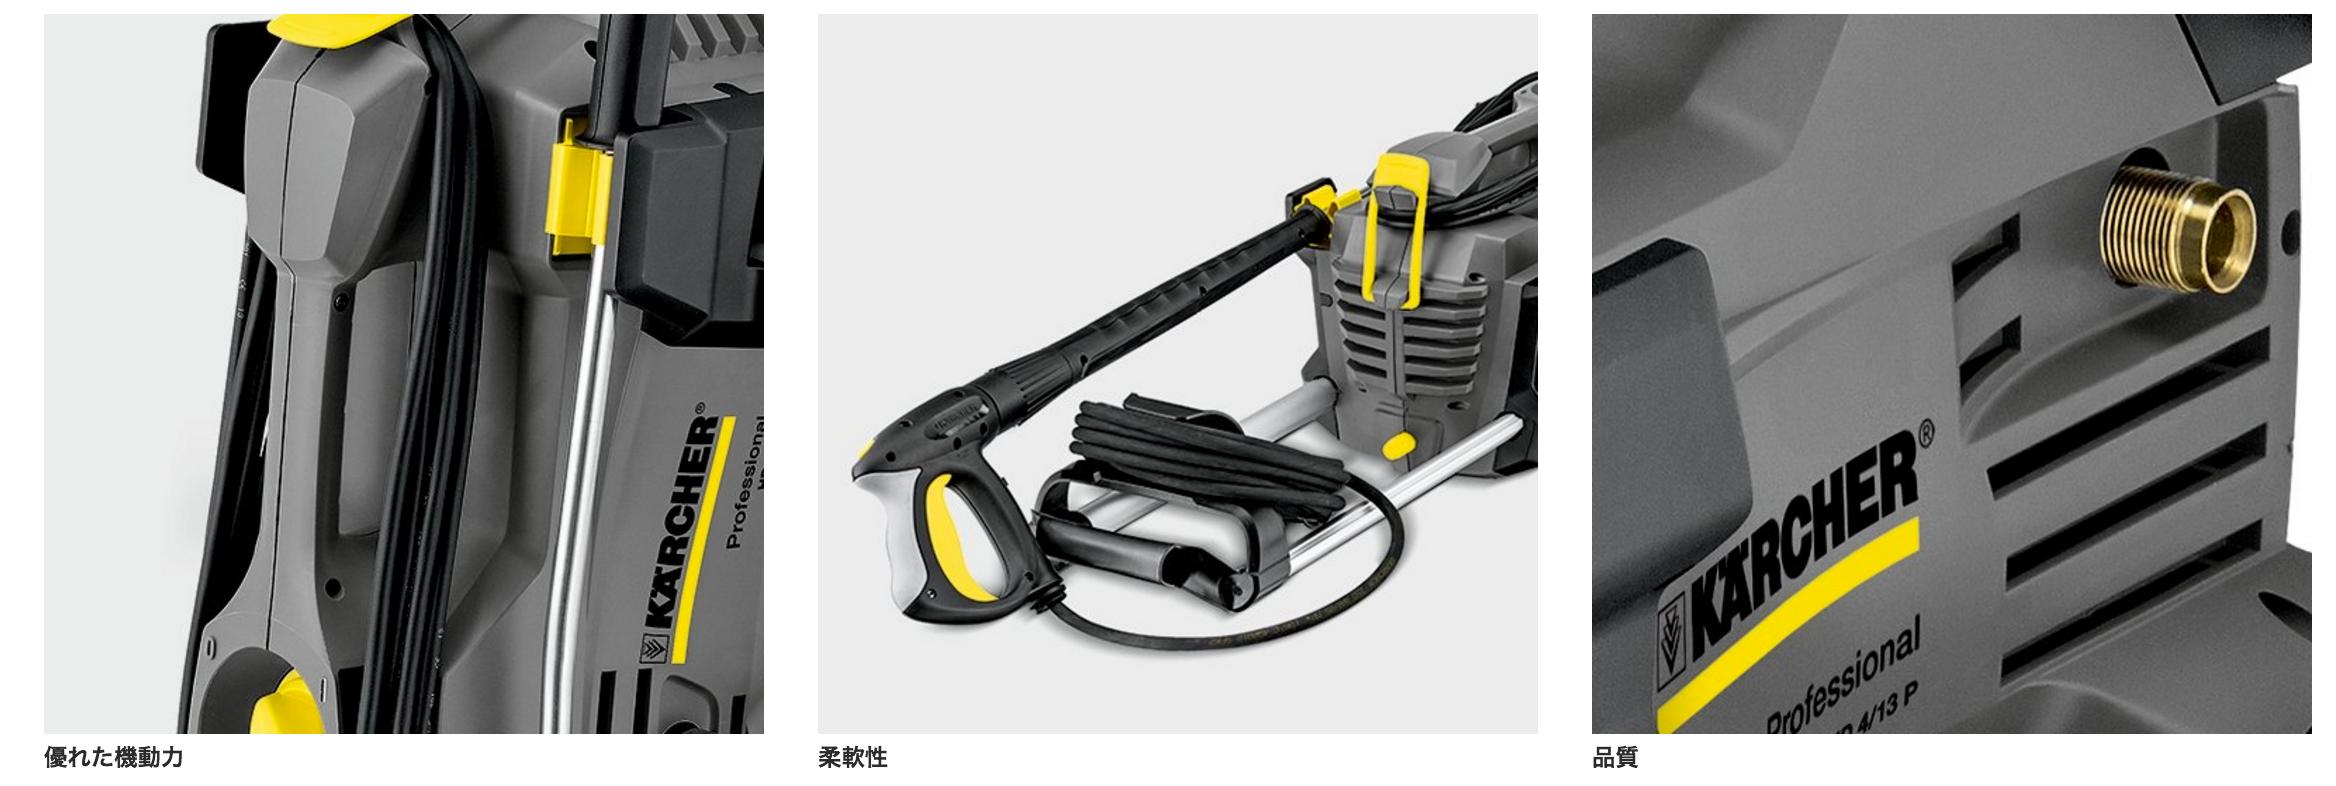 ケルヒャーHD605の商品スペックと詳細